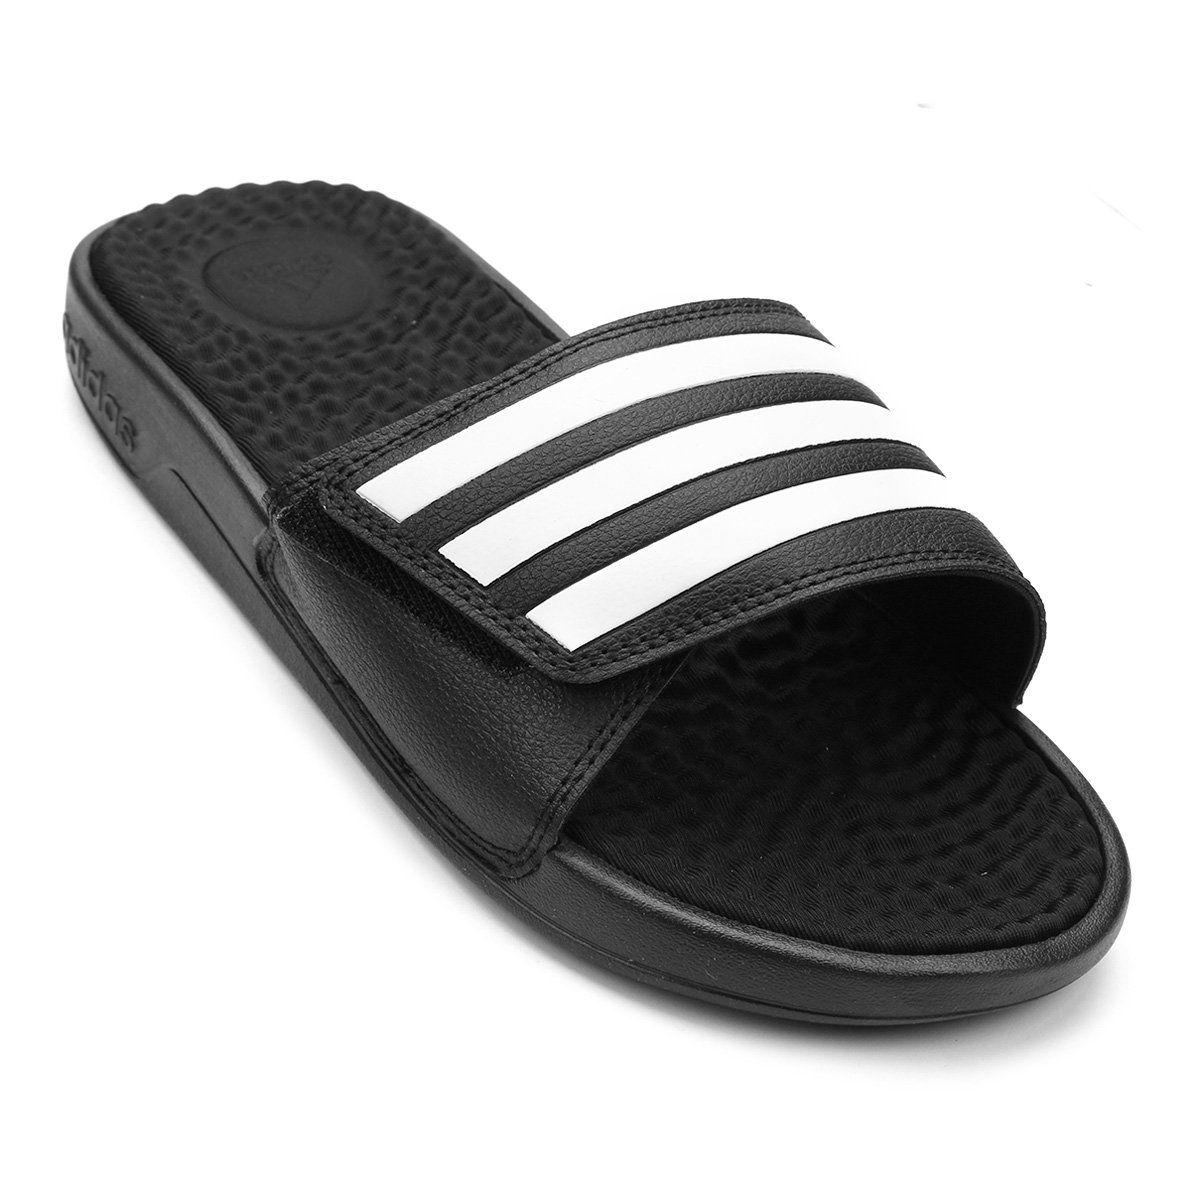 Chinelo Adidas Slide Adissage - Masculino - Preto e Branco